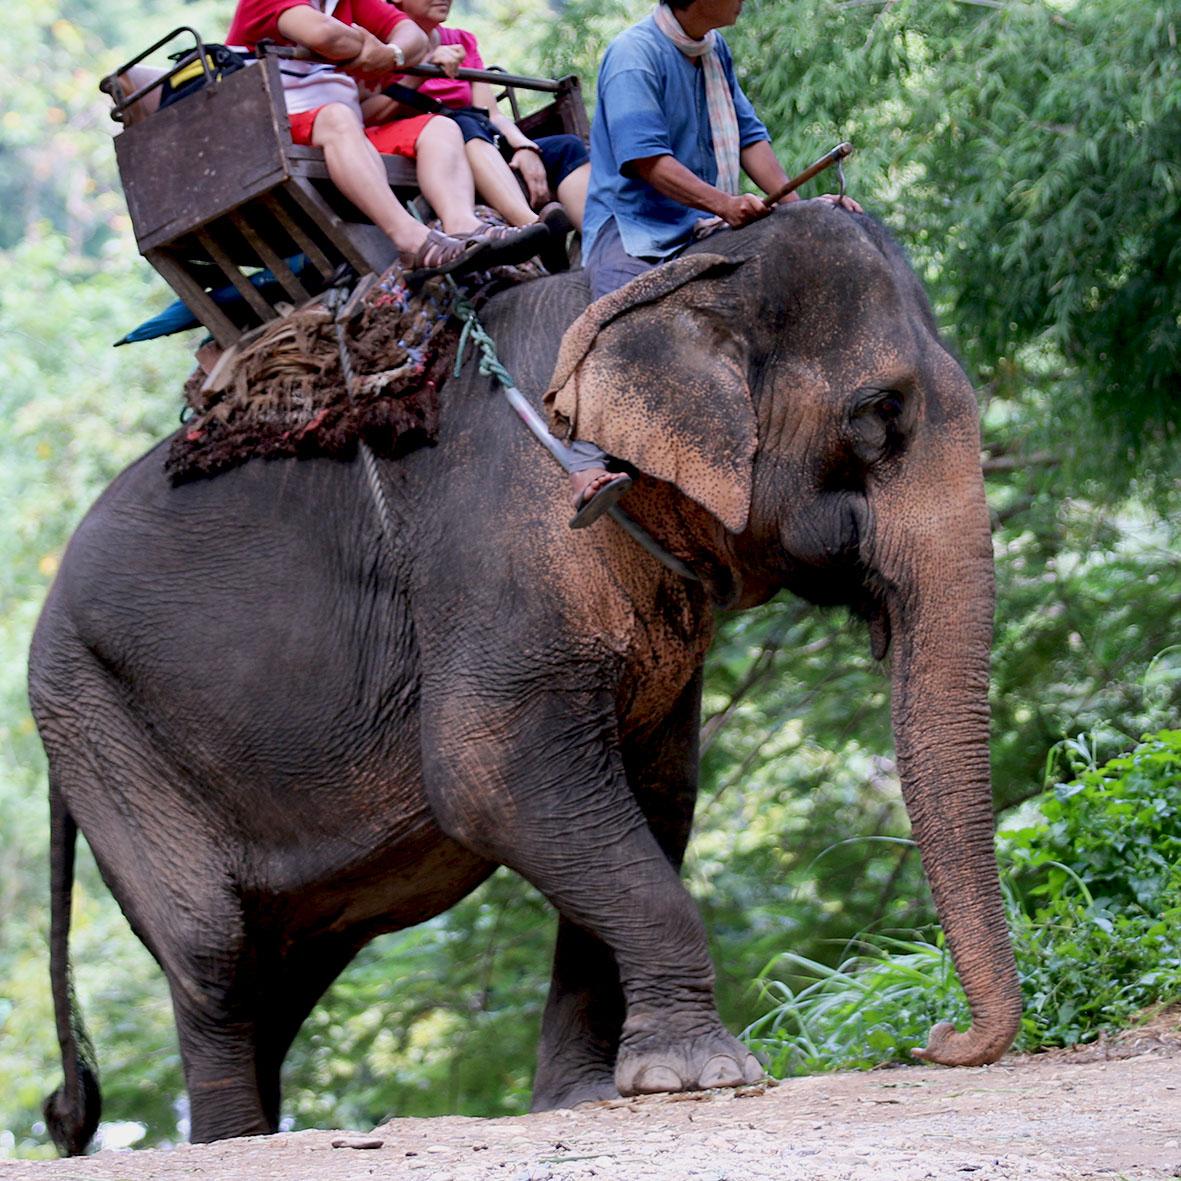 tourists riding an elephant